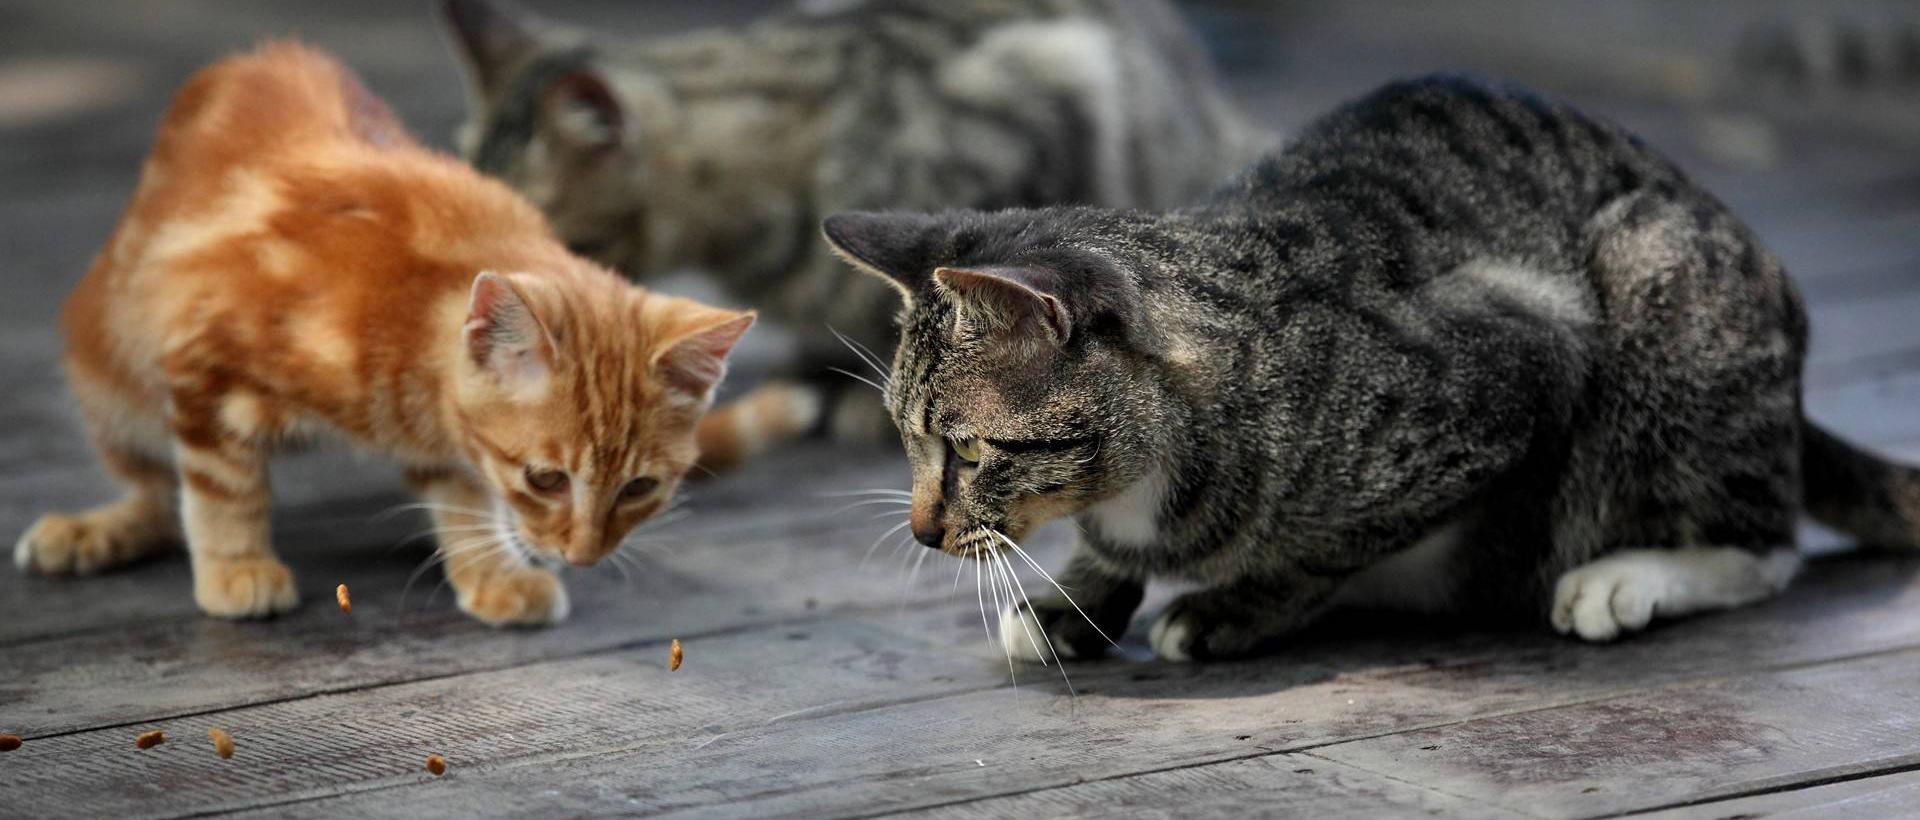 那些猫咪呀 ~(米多饭香拍摄)